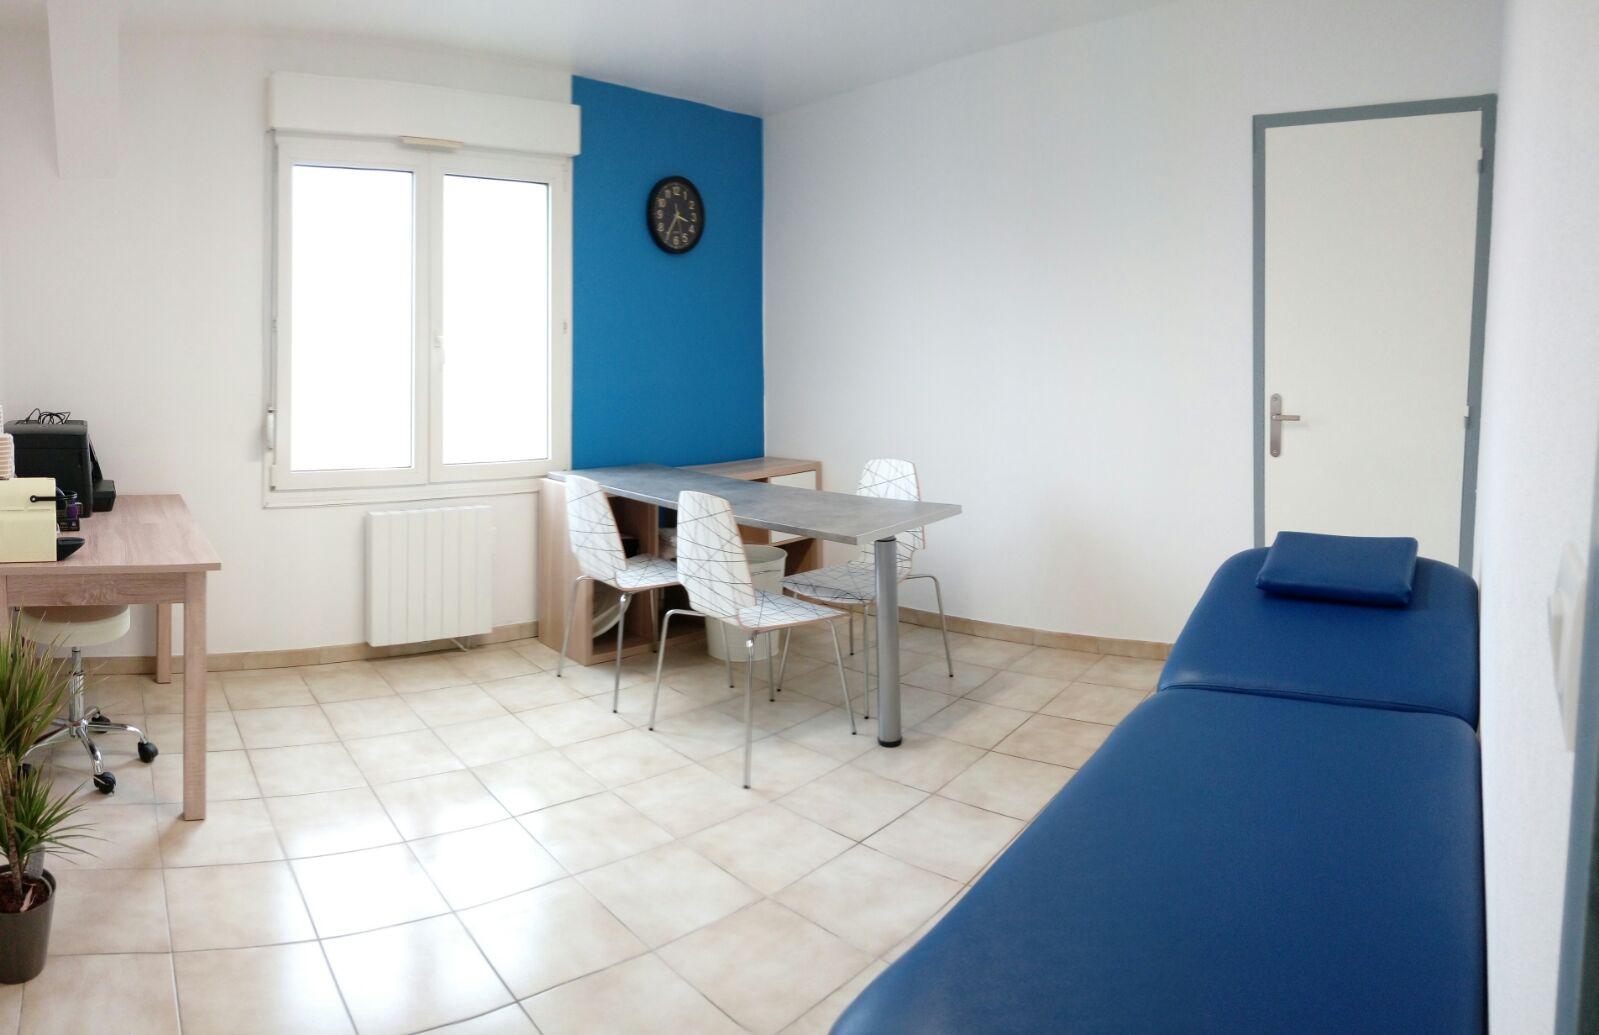 Salle de consultation orthoprothèsiste en Normandie pour amputés à la jambe ou au bras